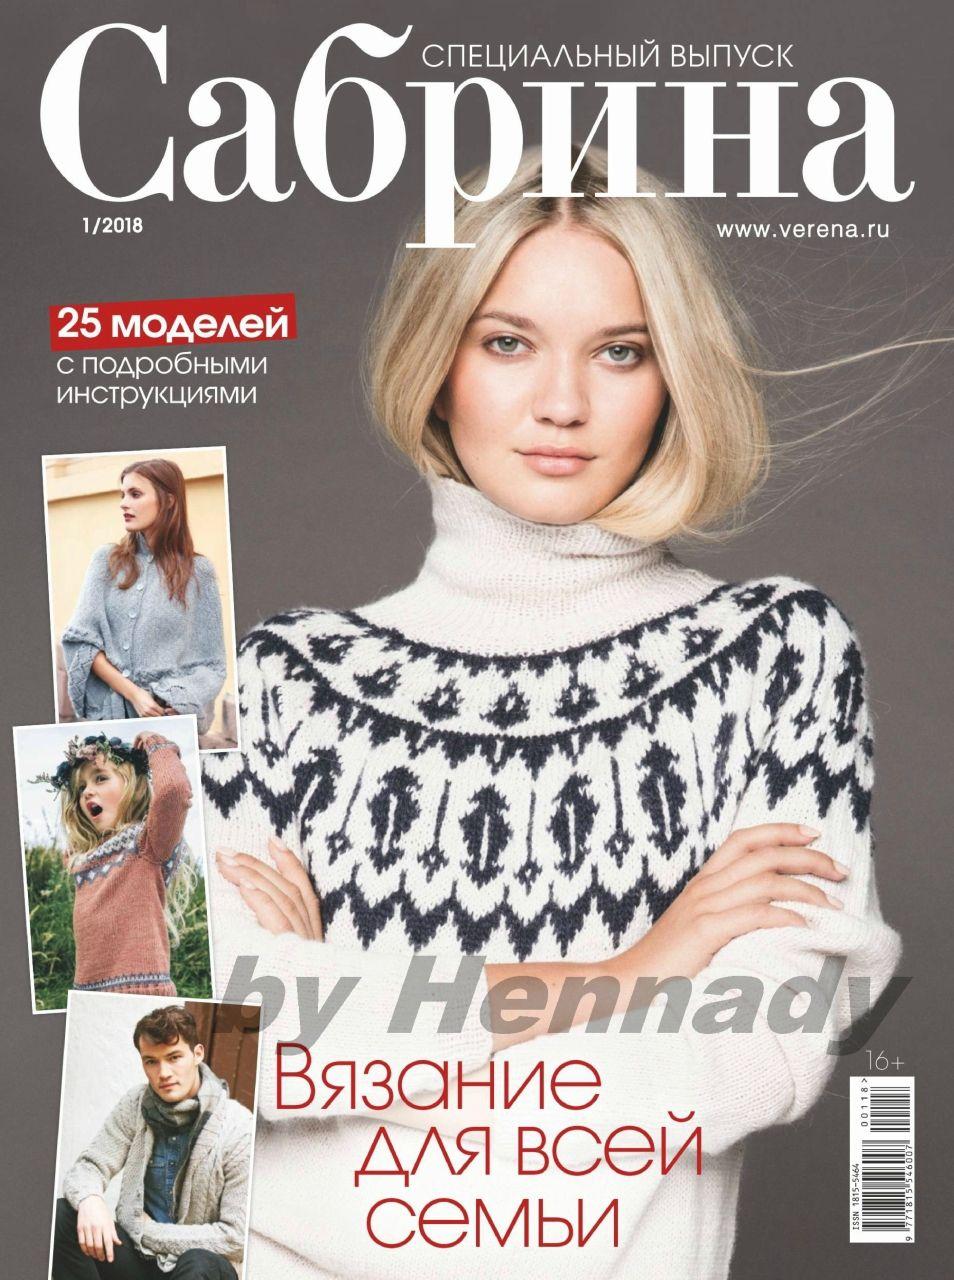 Вязание спицами иностранных журналов